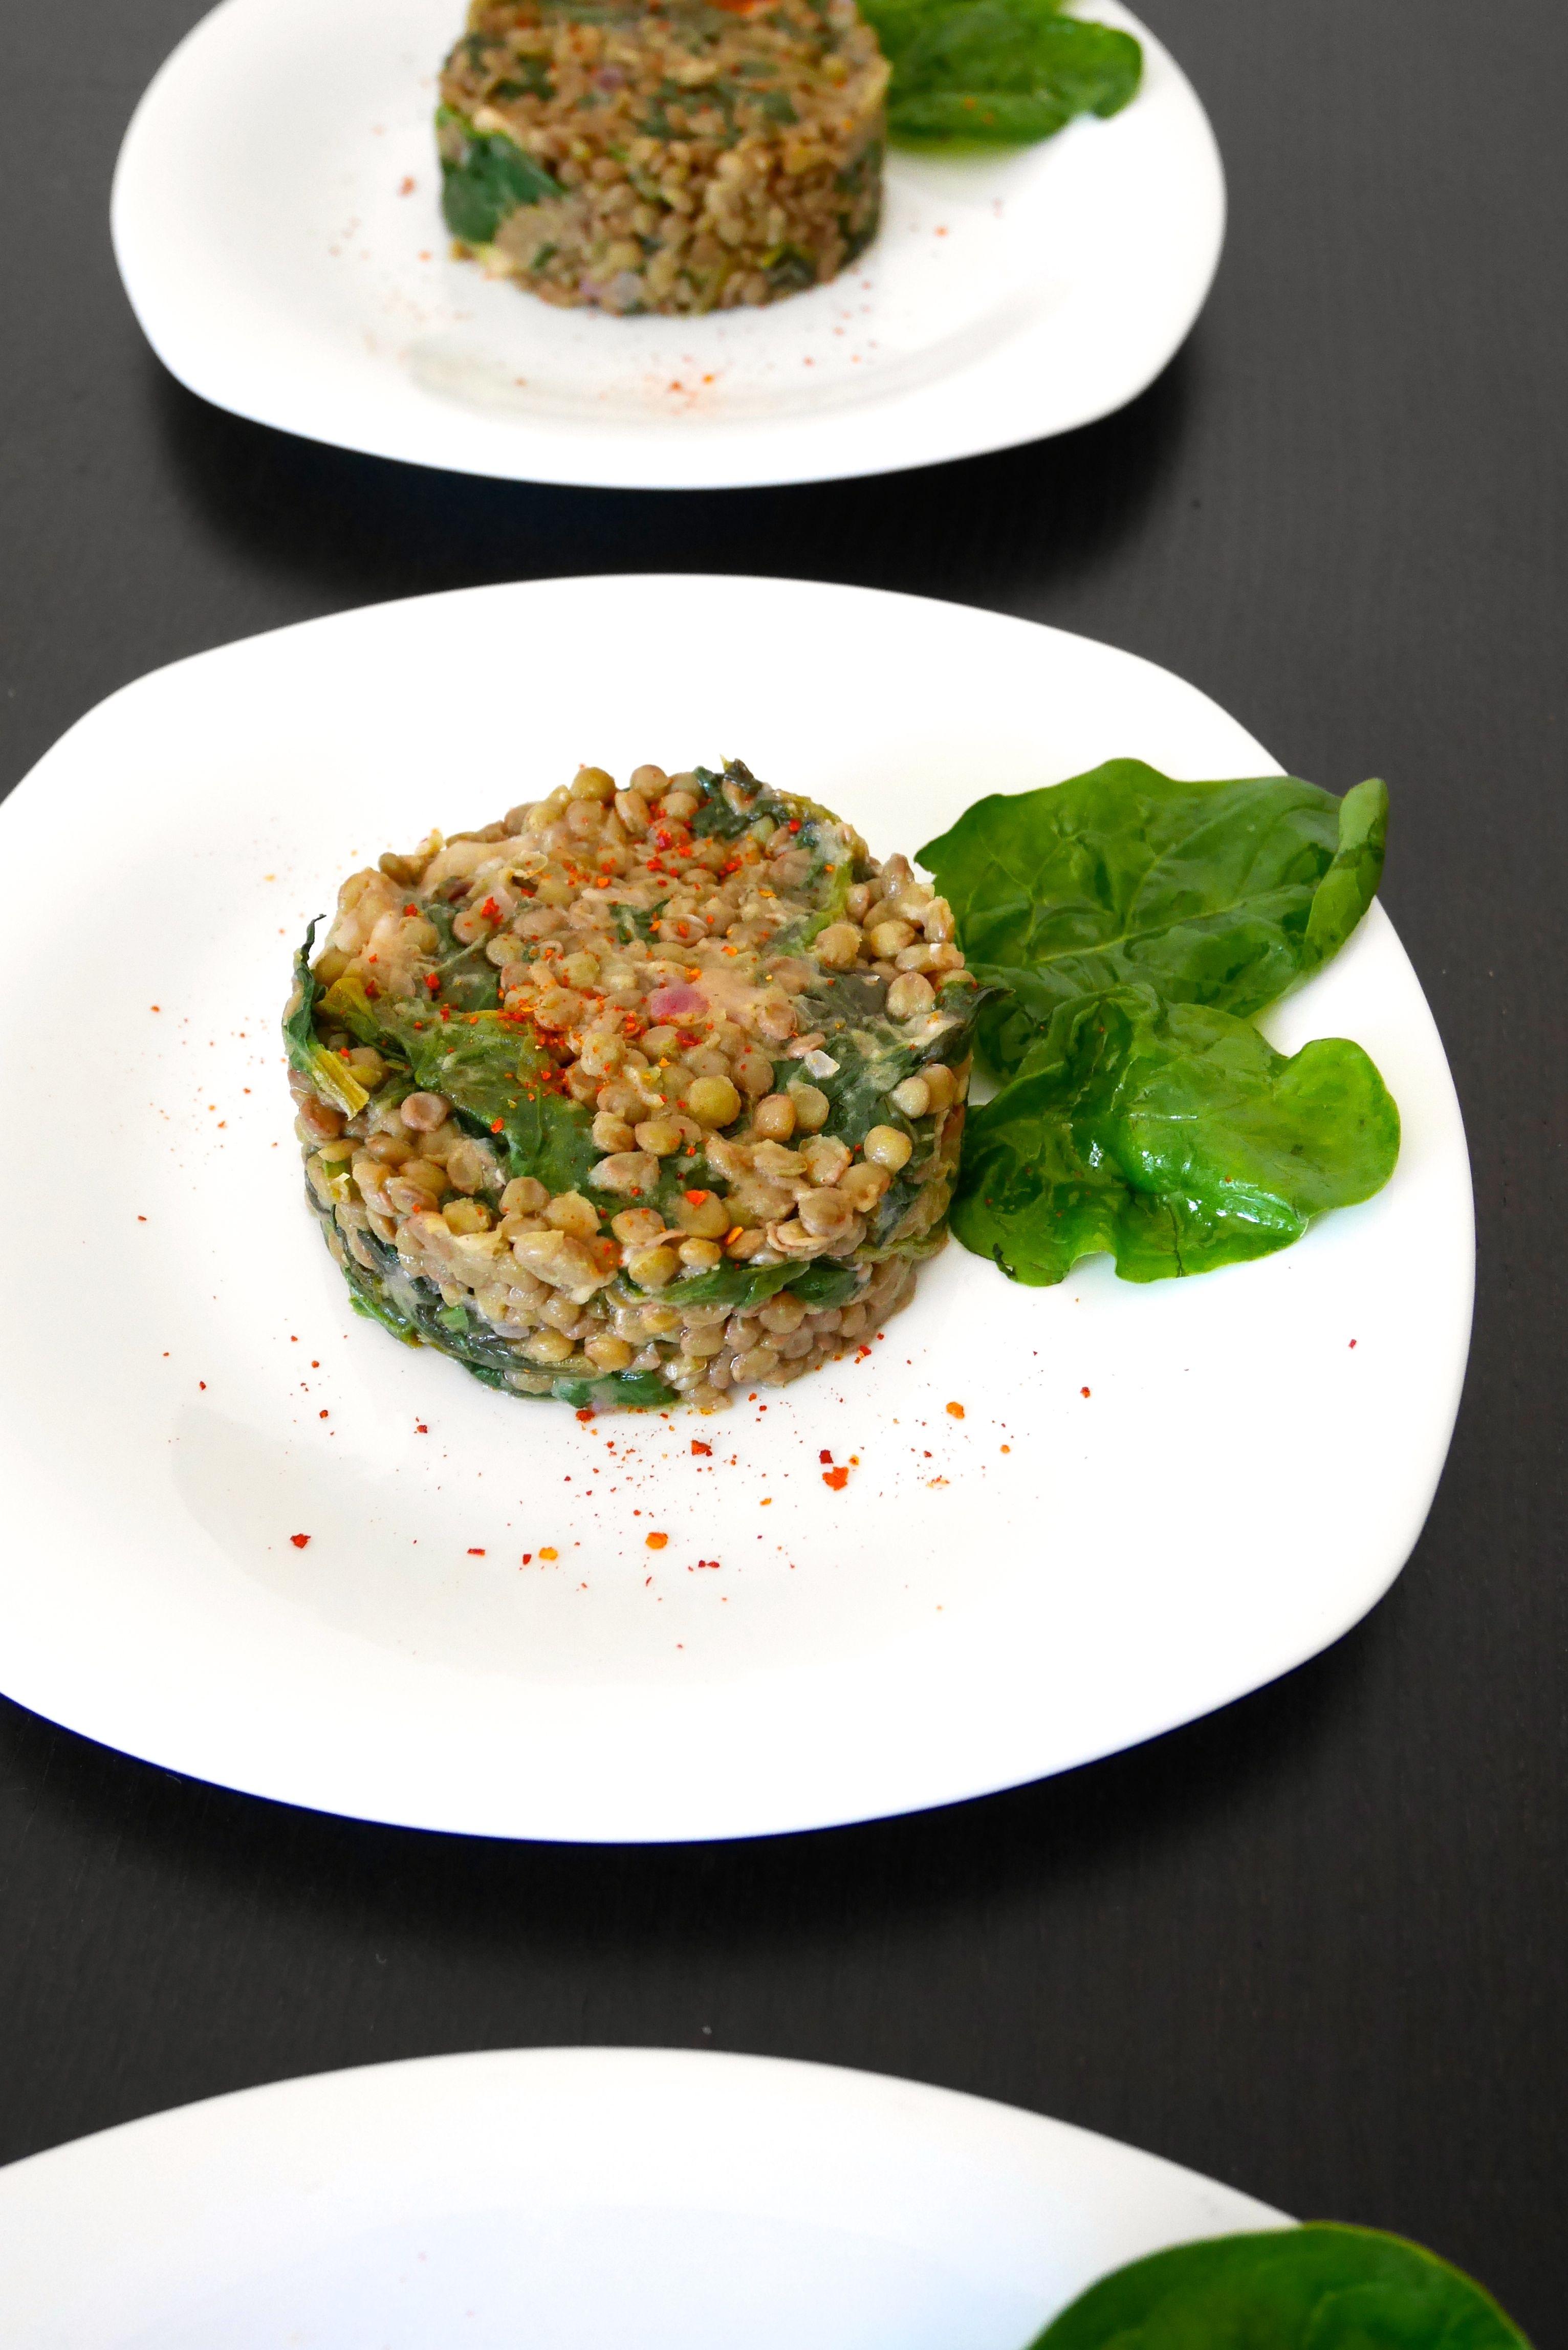 Insalatina di lenticchie e spinaci al limone